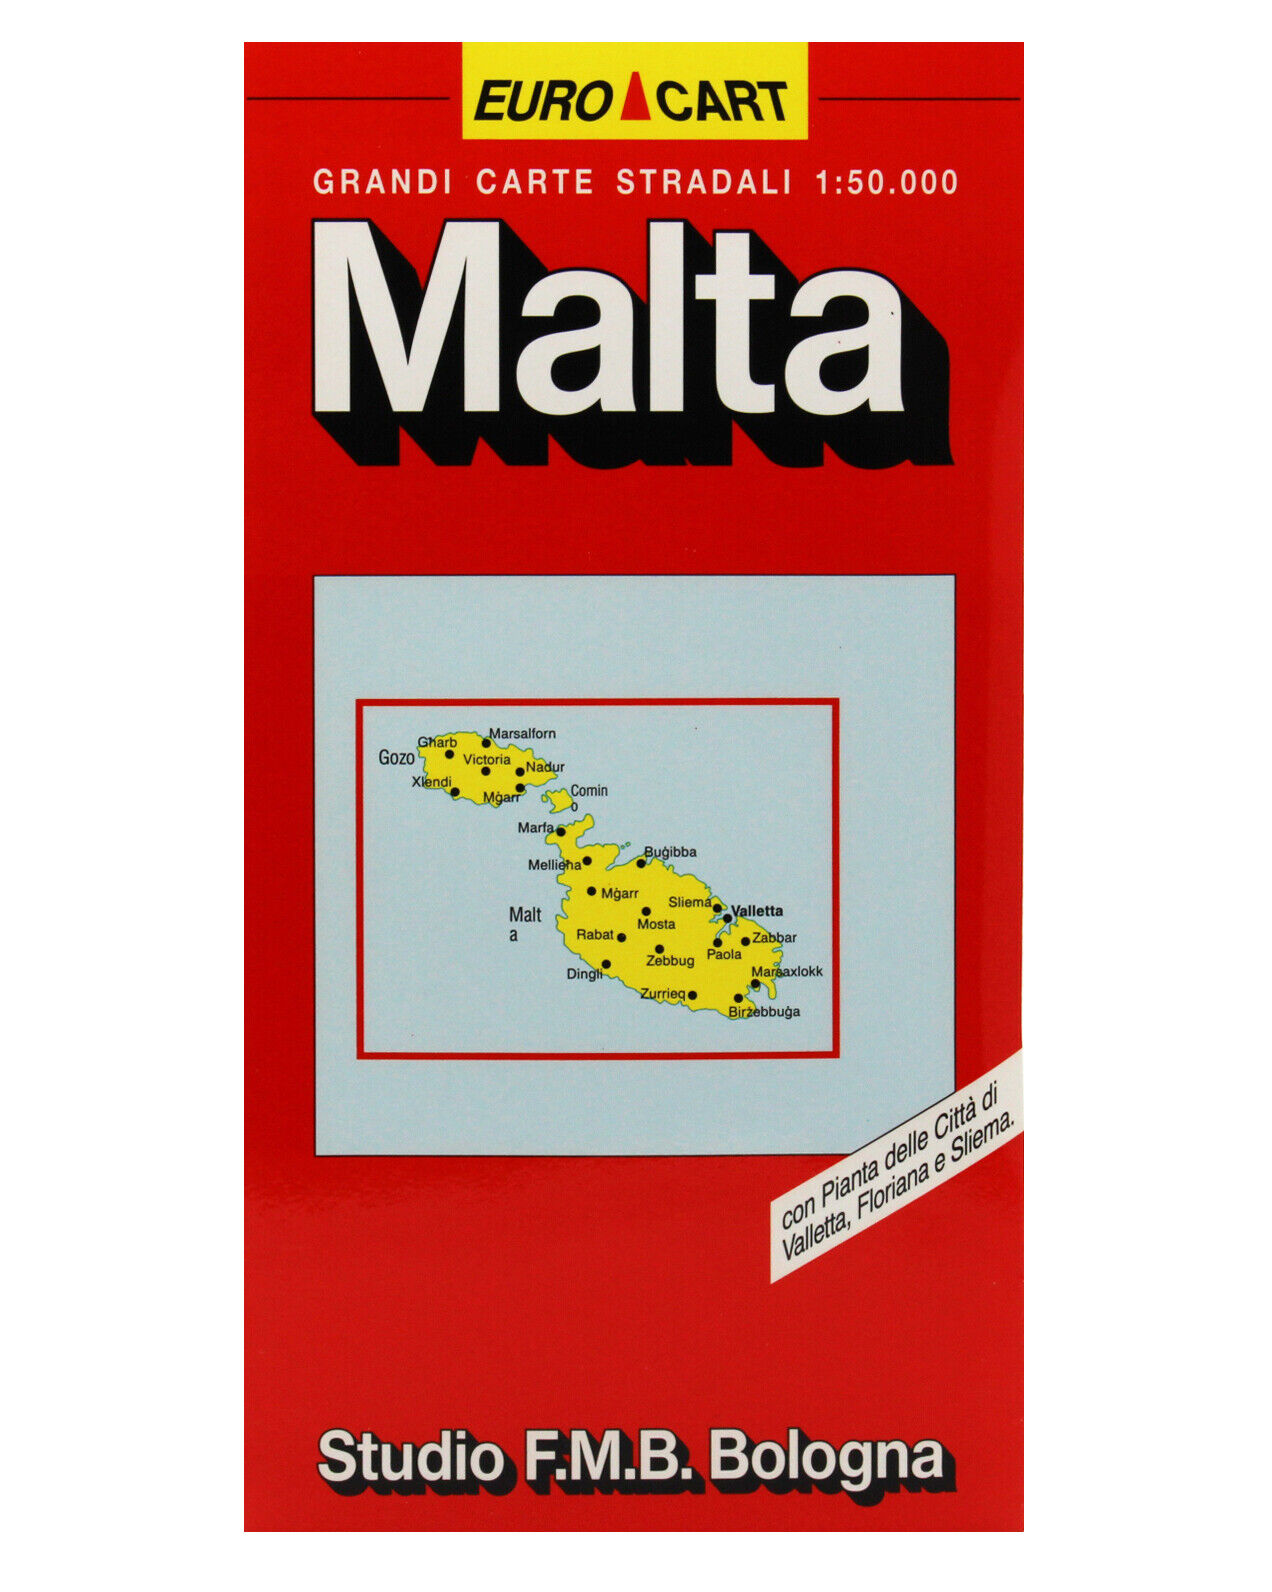 Malta Cartina Stradale.Malta Cartina Stradale Scala 1 50 000 Carta Mappa Poster Studio F M B Ebay